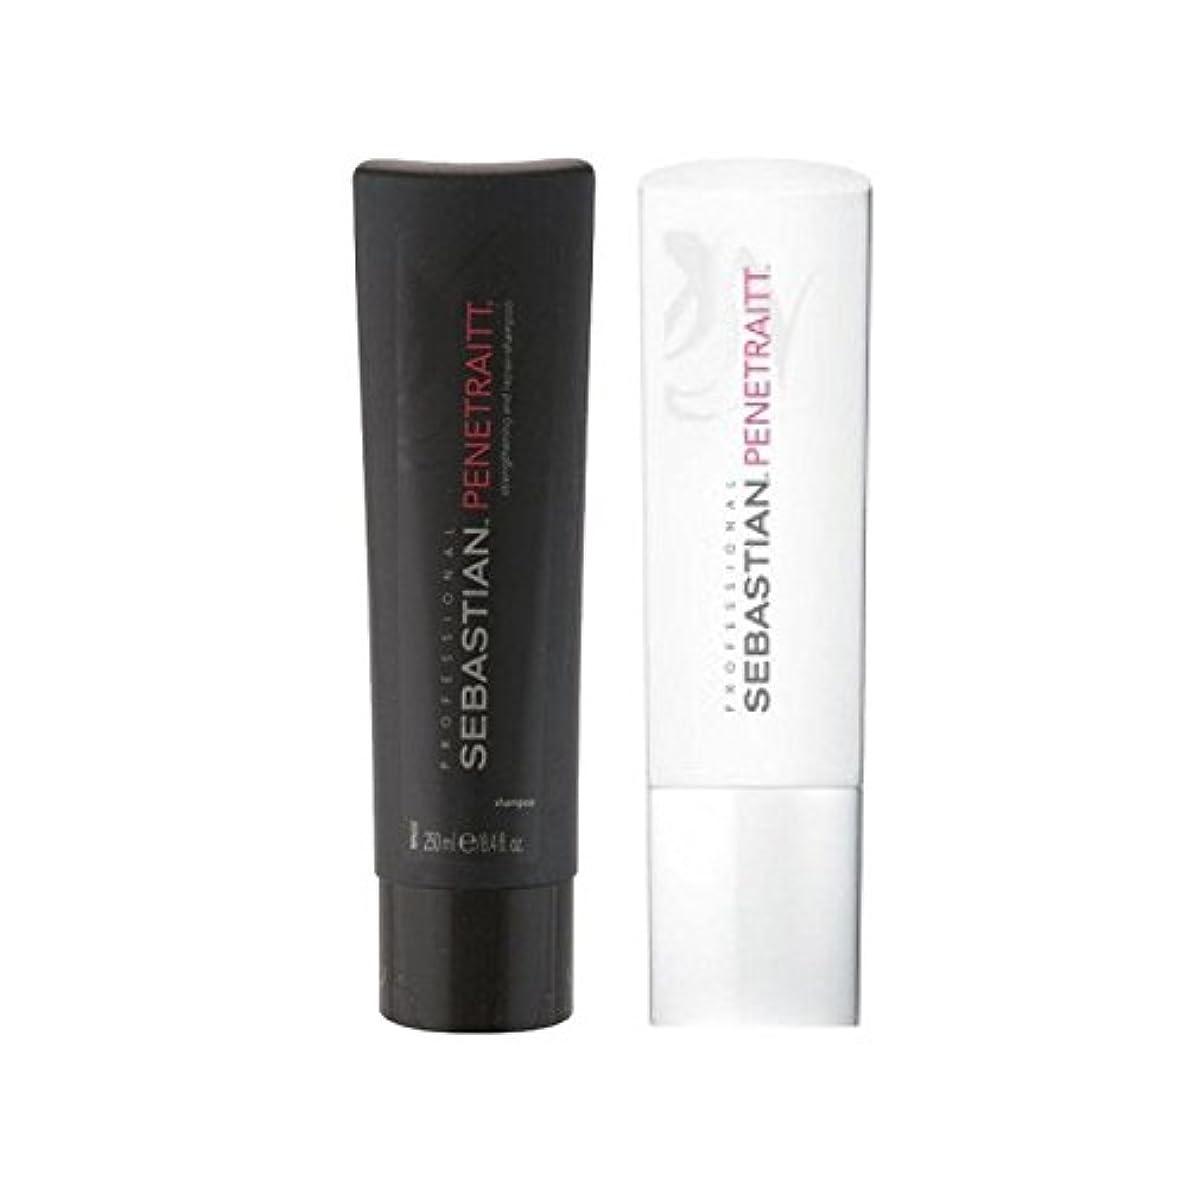 ポーン好意不正直セバスチャンプロデュオ - シャンプー&コンディショナー x4 - Sebastian Professional Penetraitt Duo - Shampoo & Conditioner (Pack of 4) [並行輸入品]